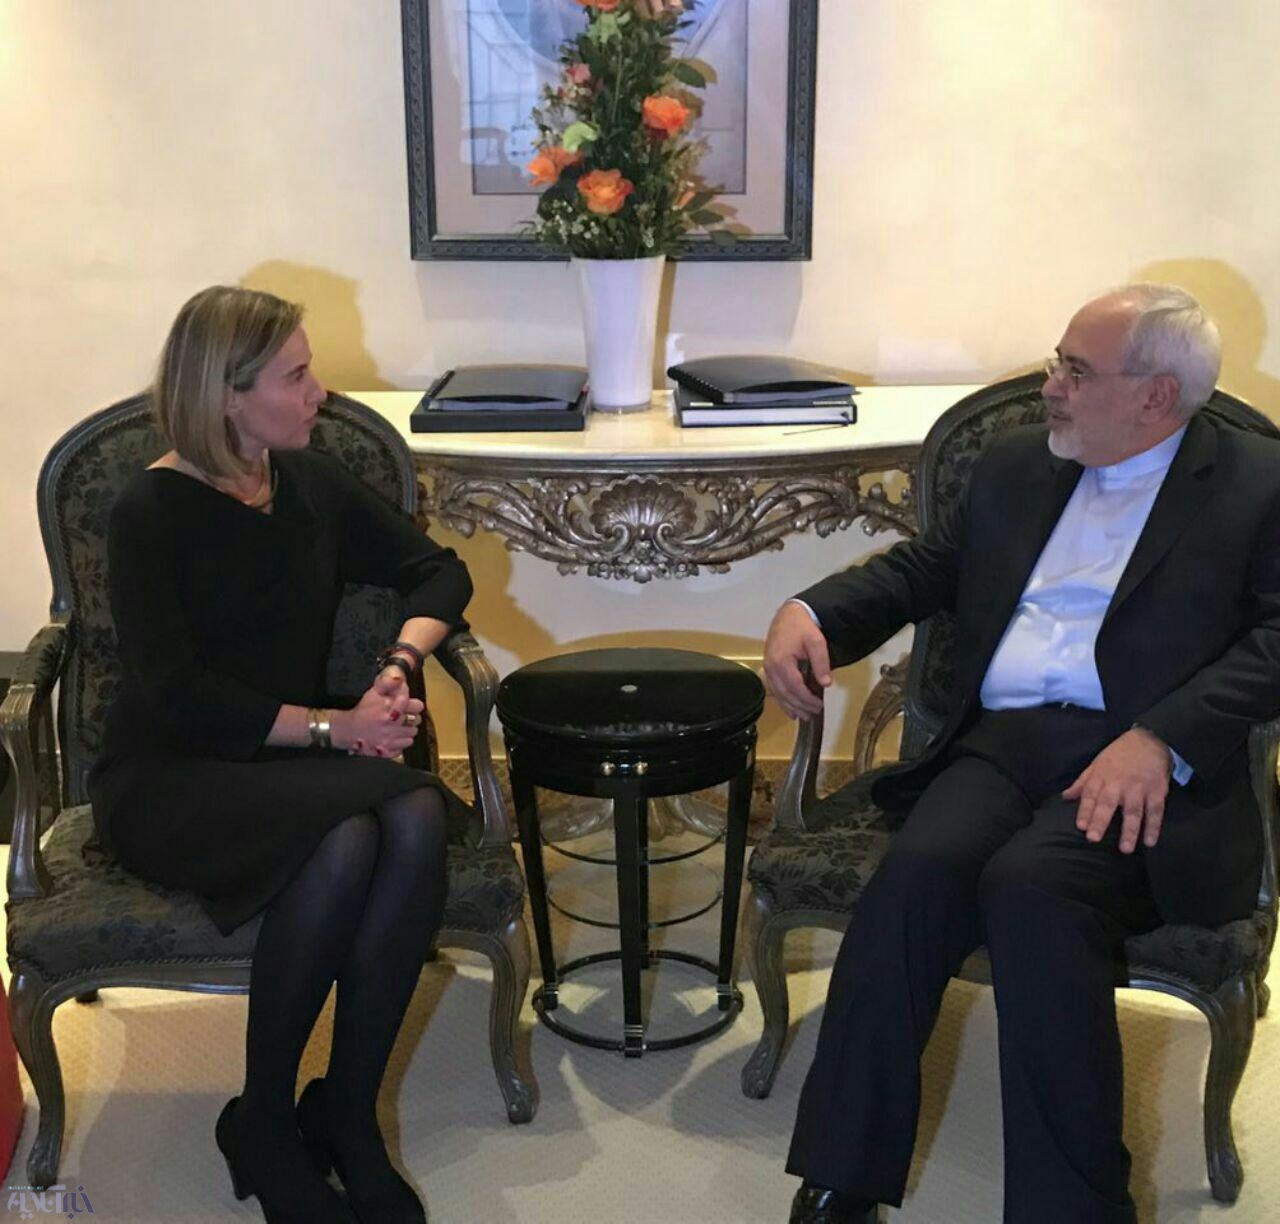 عکس   دیدار ظریف با موگرینی در حاشیه کنفرانس امنیتی مونیخ